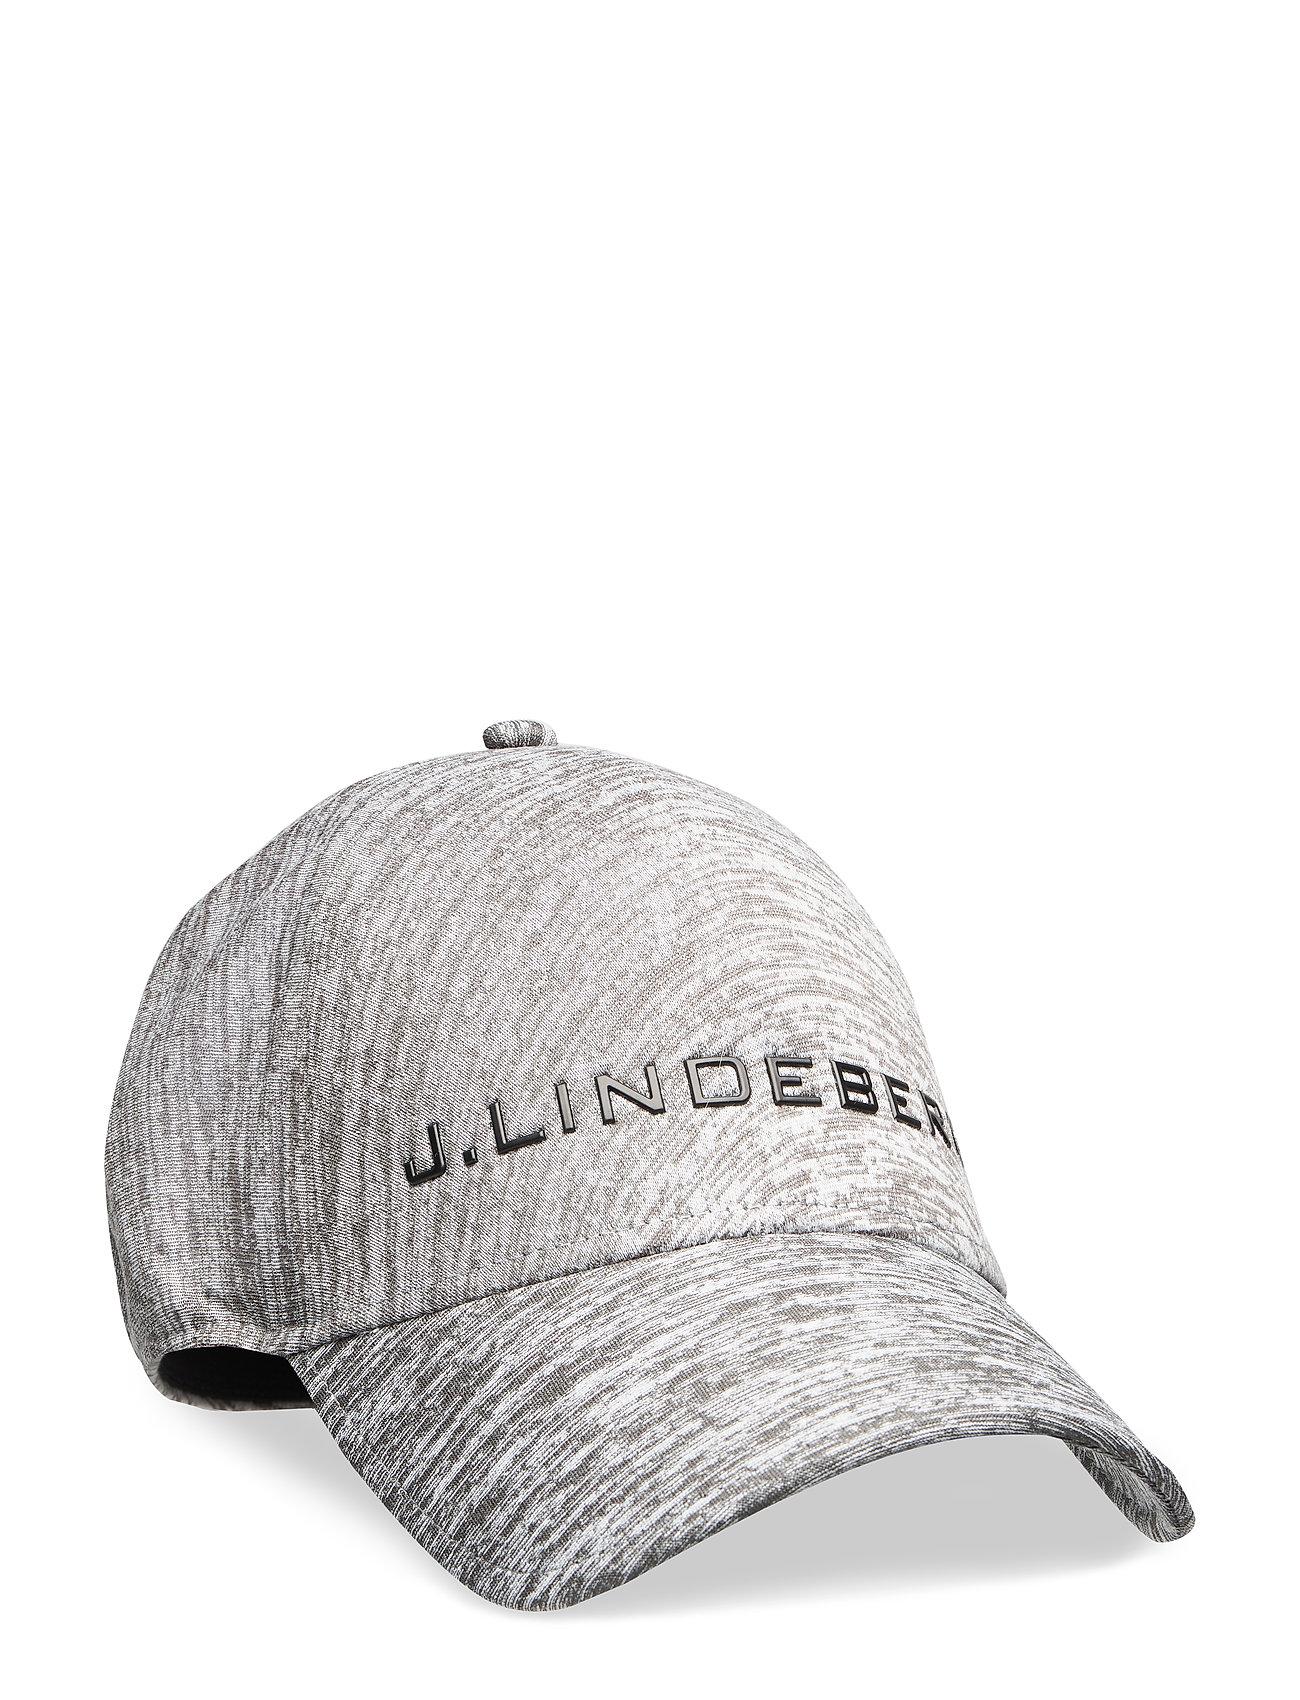 J. Lindeberg Golf Jarryd Melange Seamless Pes - STONE GREY MELANGE